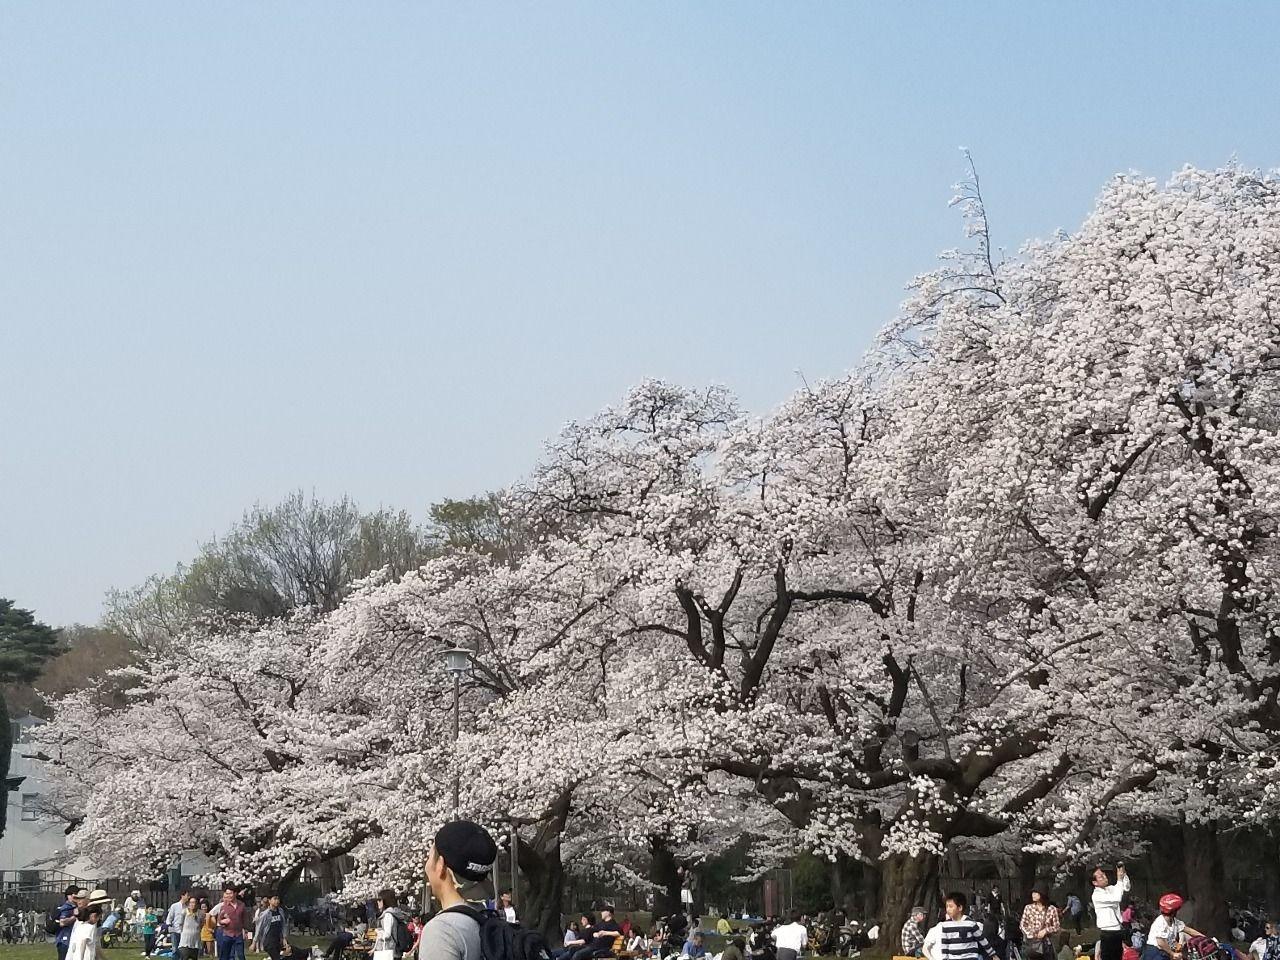 遠くまで見渡す限りの桜